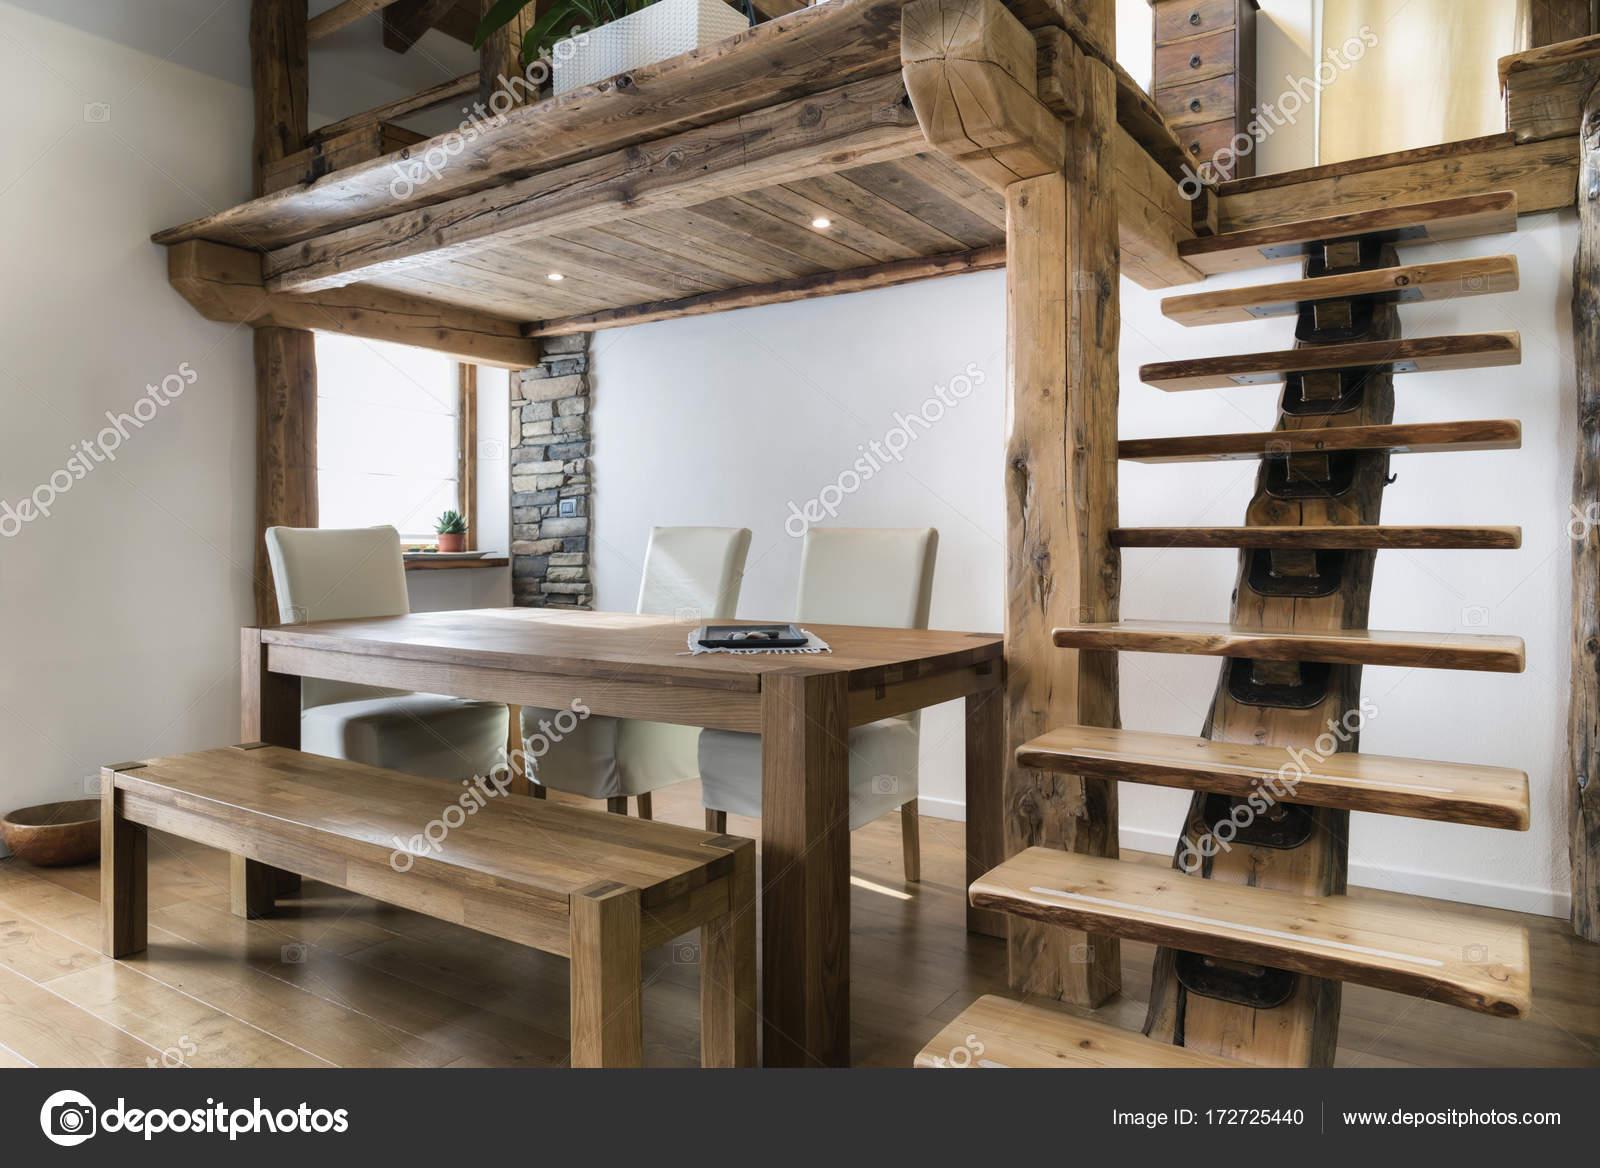 Holztisch im Speisesaal unter mezzanine — Stockfoto © ilfede #172725440